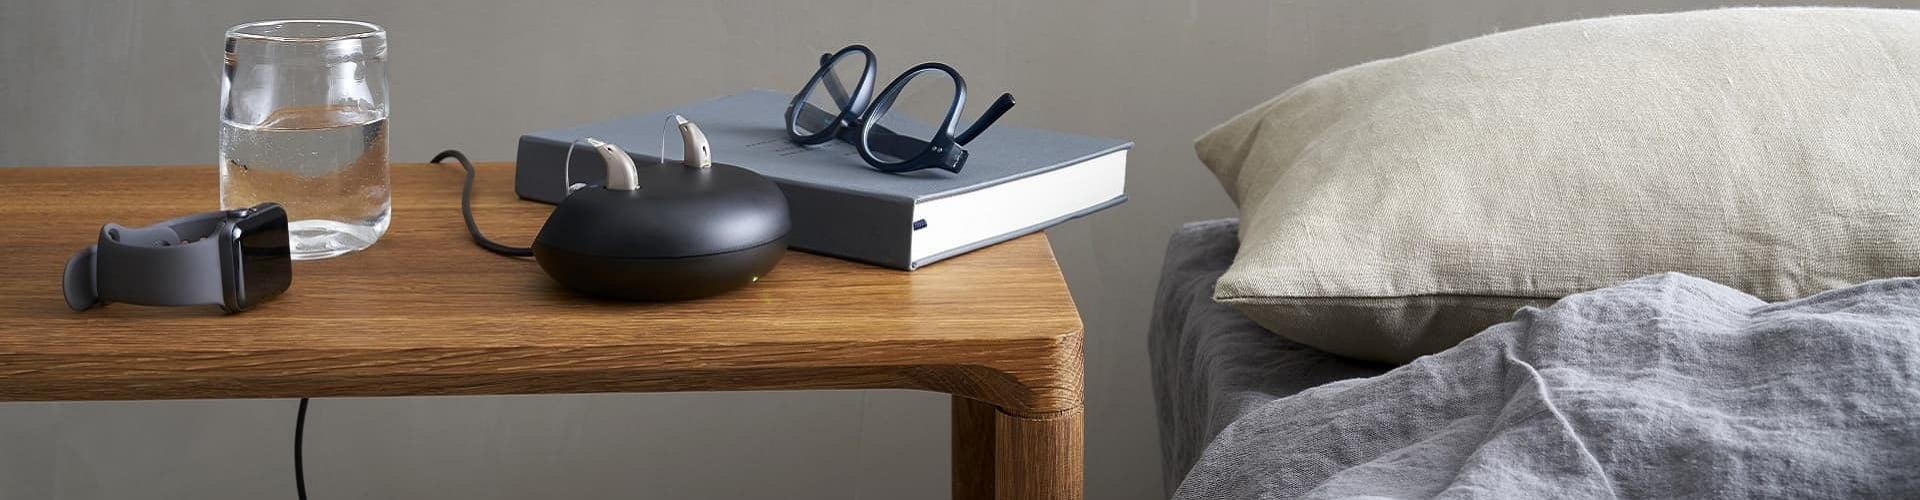 appareils-auditifs-recharges-piles